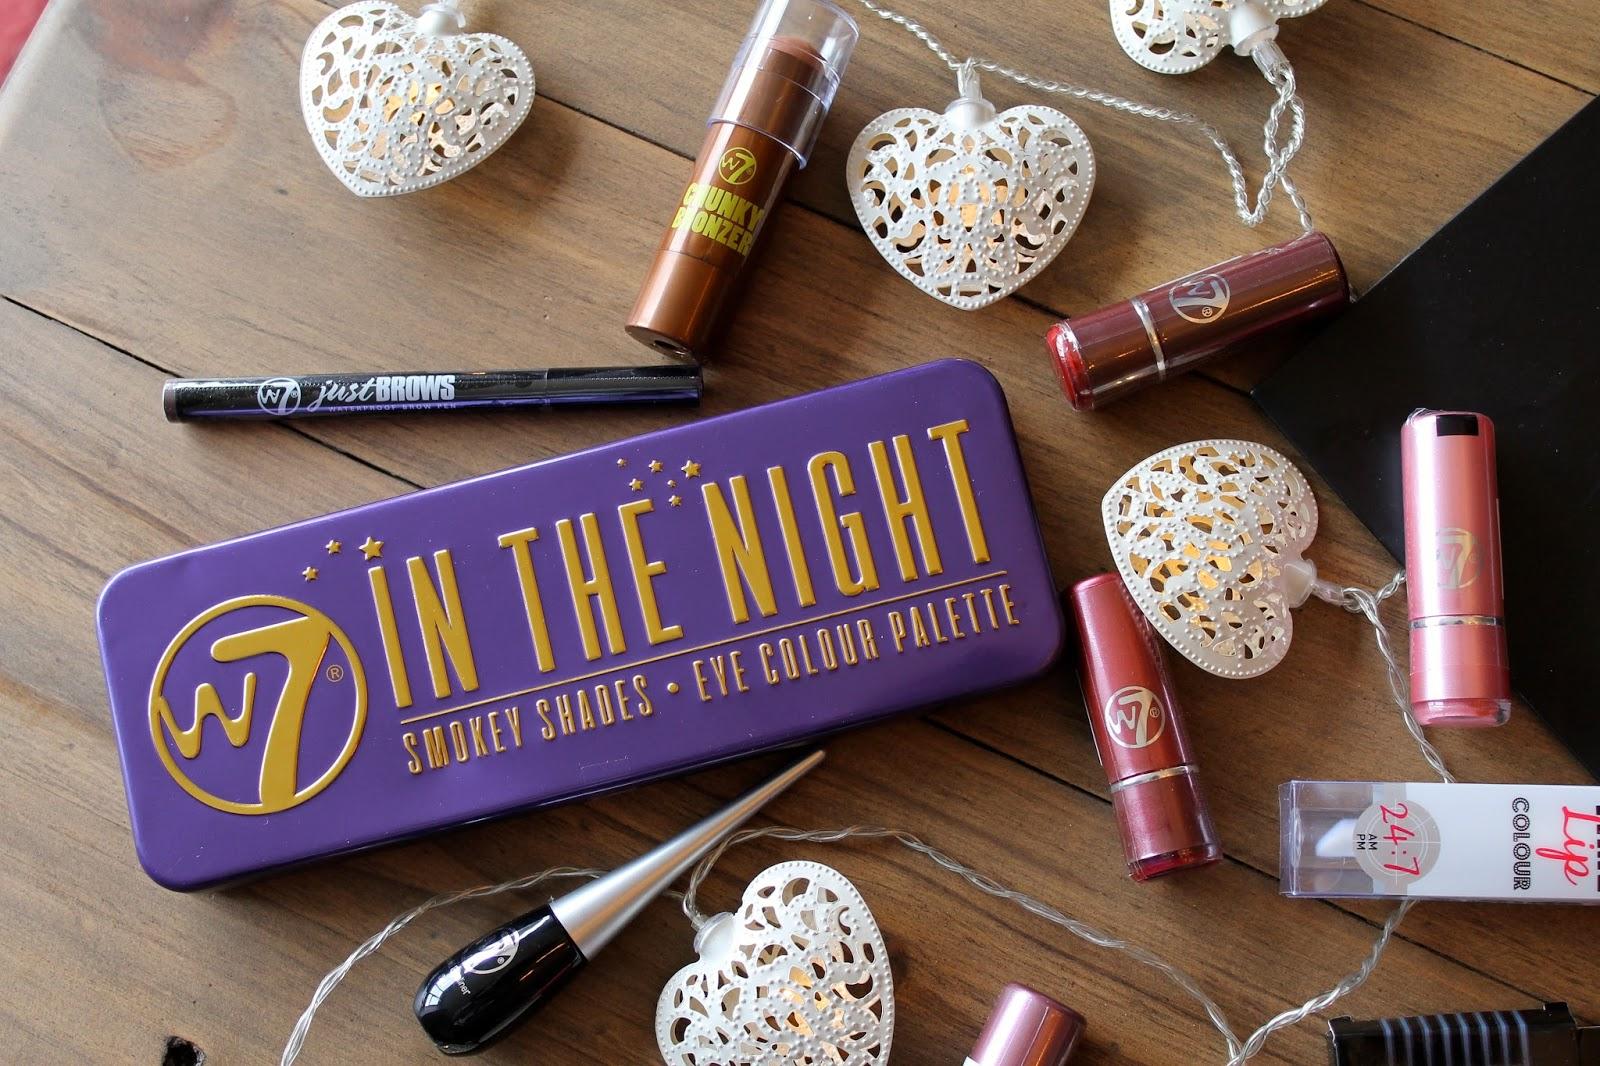 w7 makeup giveaway bec boop